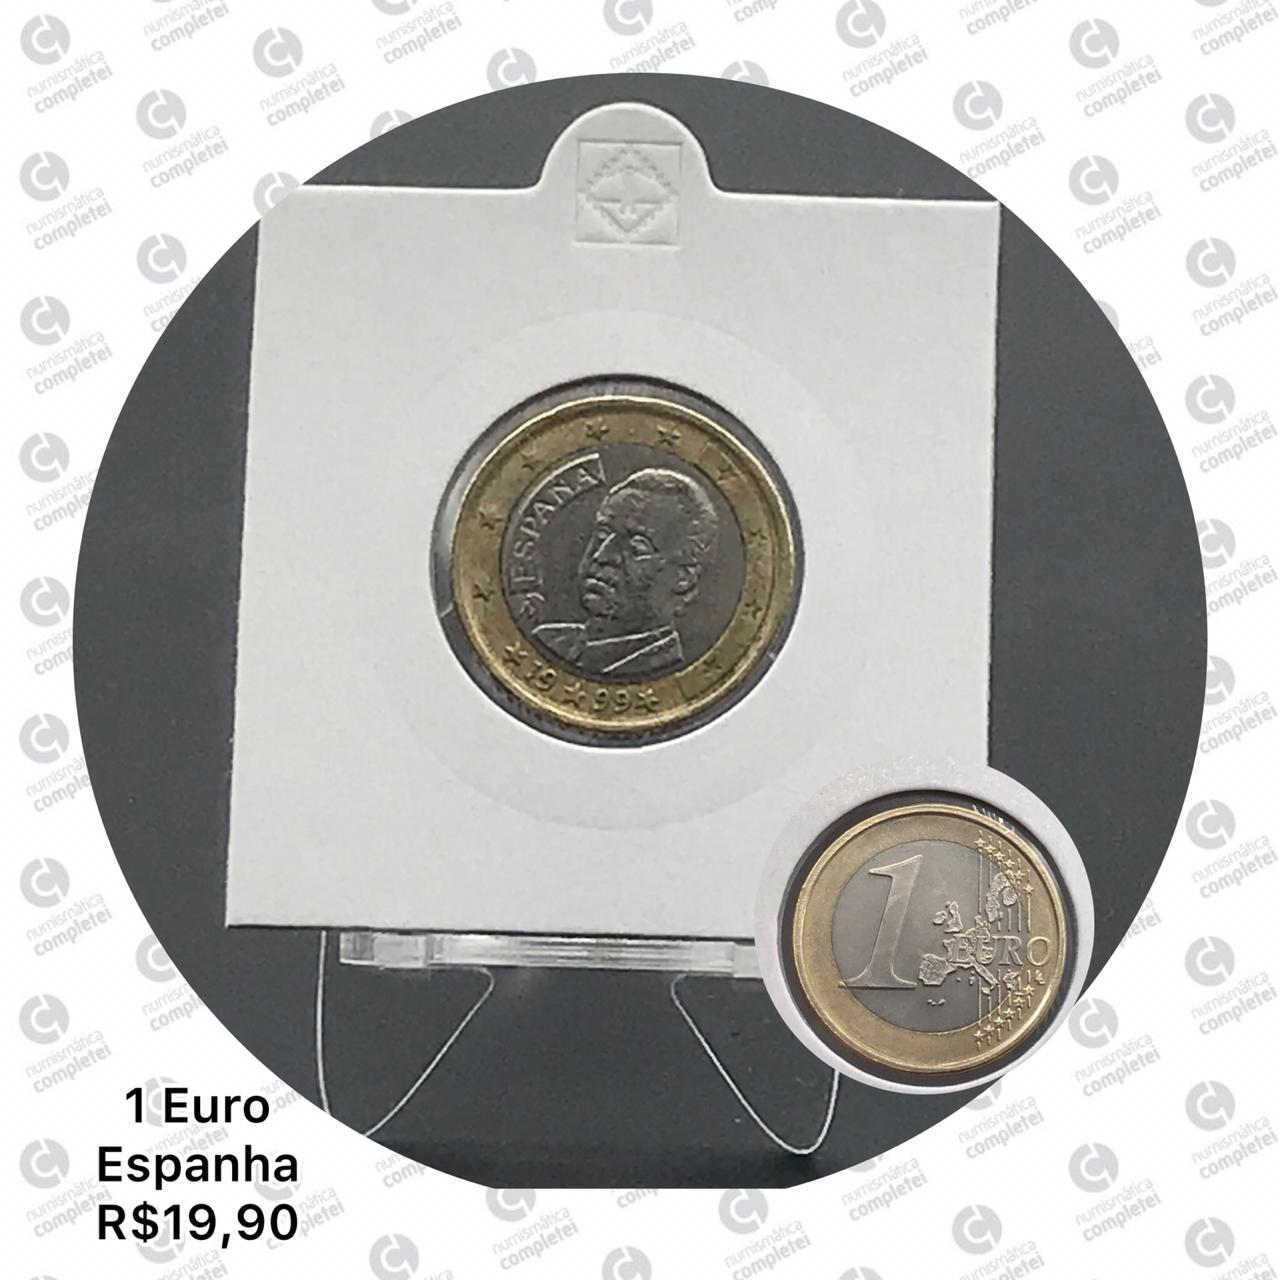 1 Euros Espanha mbc